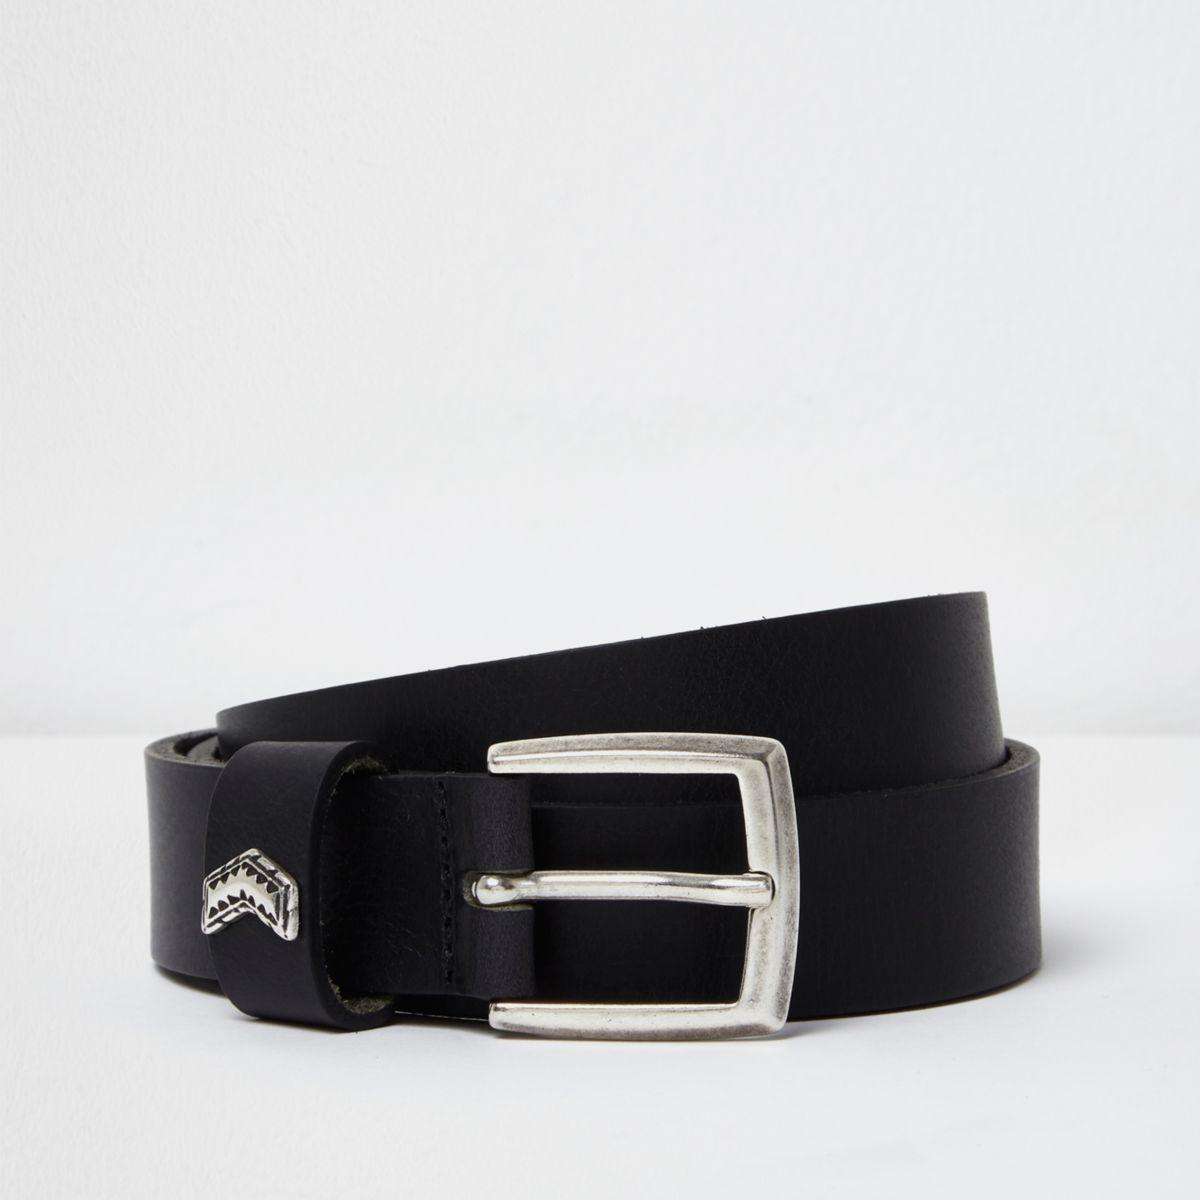 Belts men accessories river island black leather arrow belt gamestrikefo Gallery